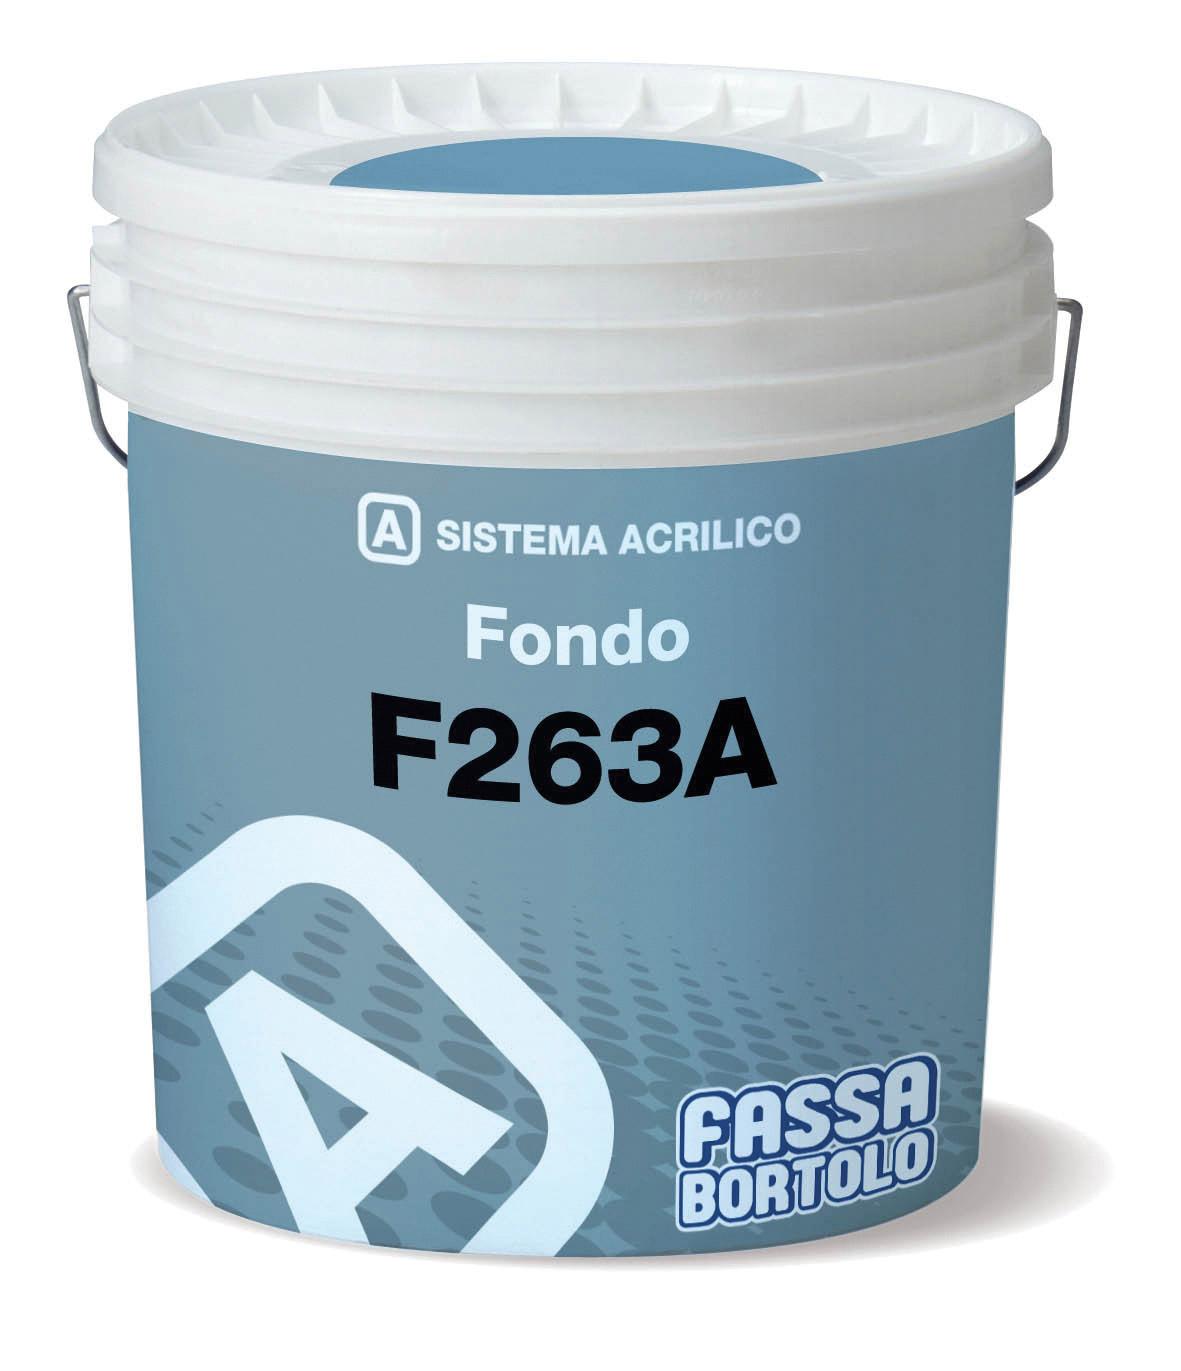 F 263A: Fundo de enchimento com efeito de reboco fino para exteriores e interiores